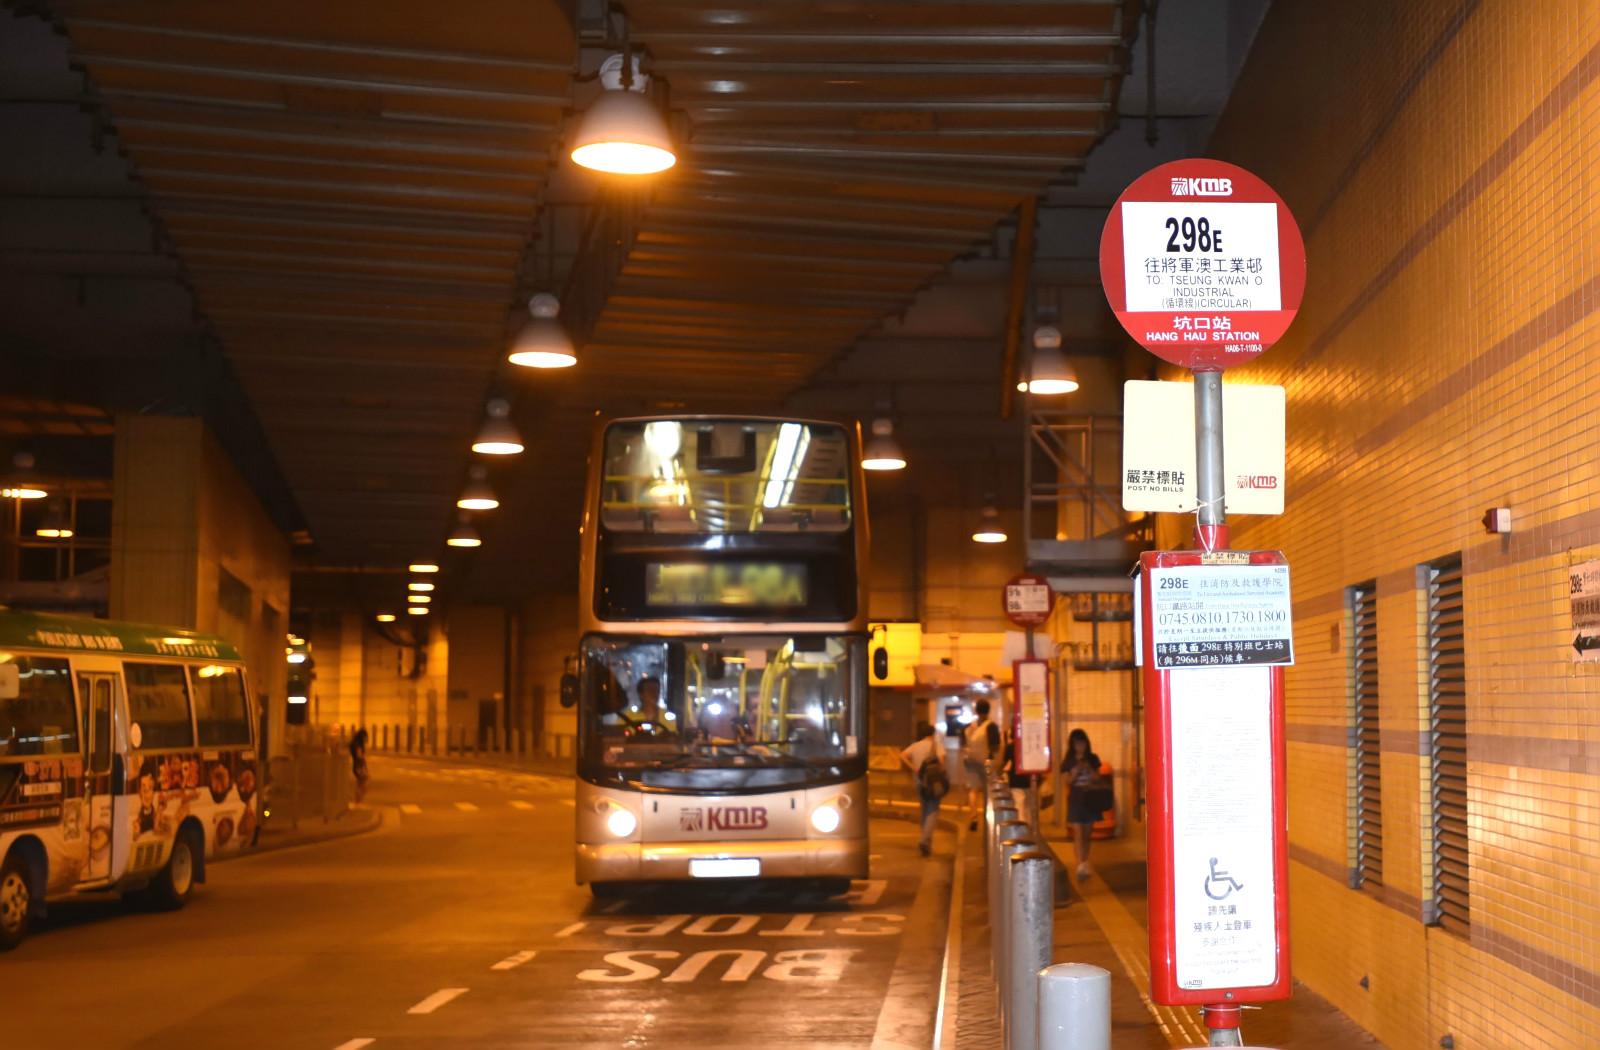 有市民反映九巴298E號綫巴士班次早開。資料圖片